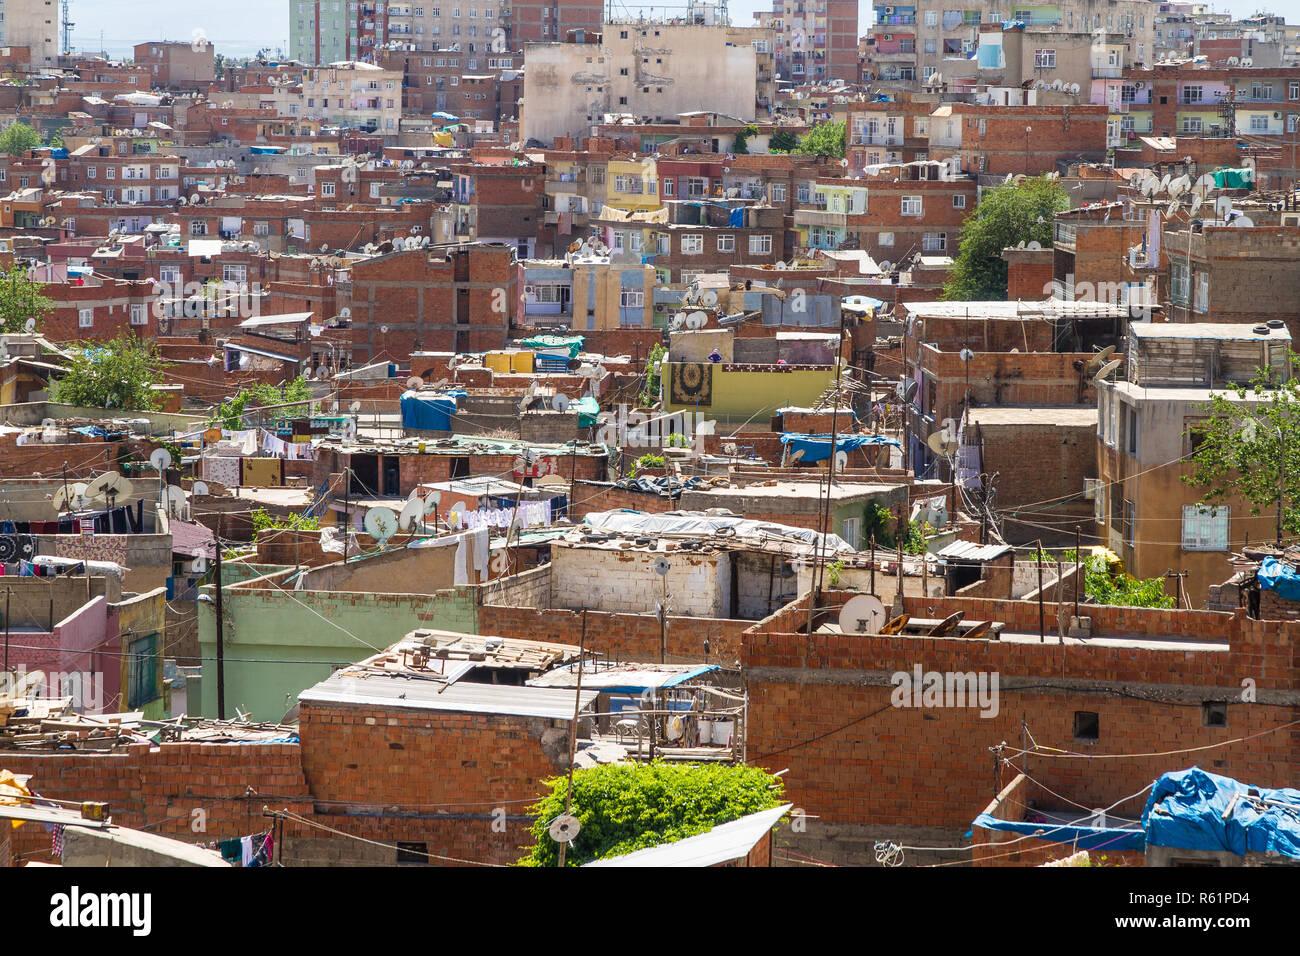 Vistas de la ciudad de diyarbakır,Turquía. Foto de stock